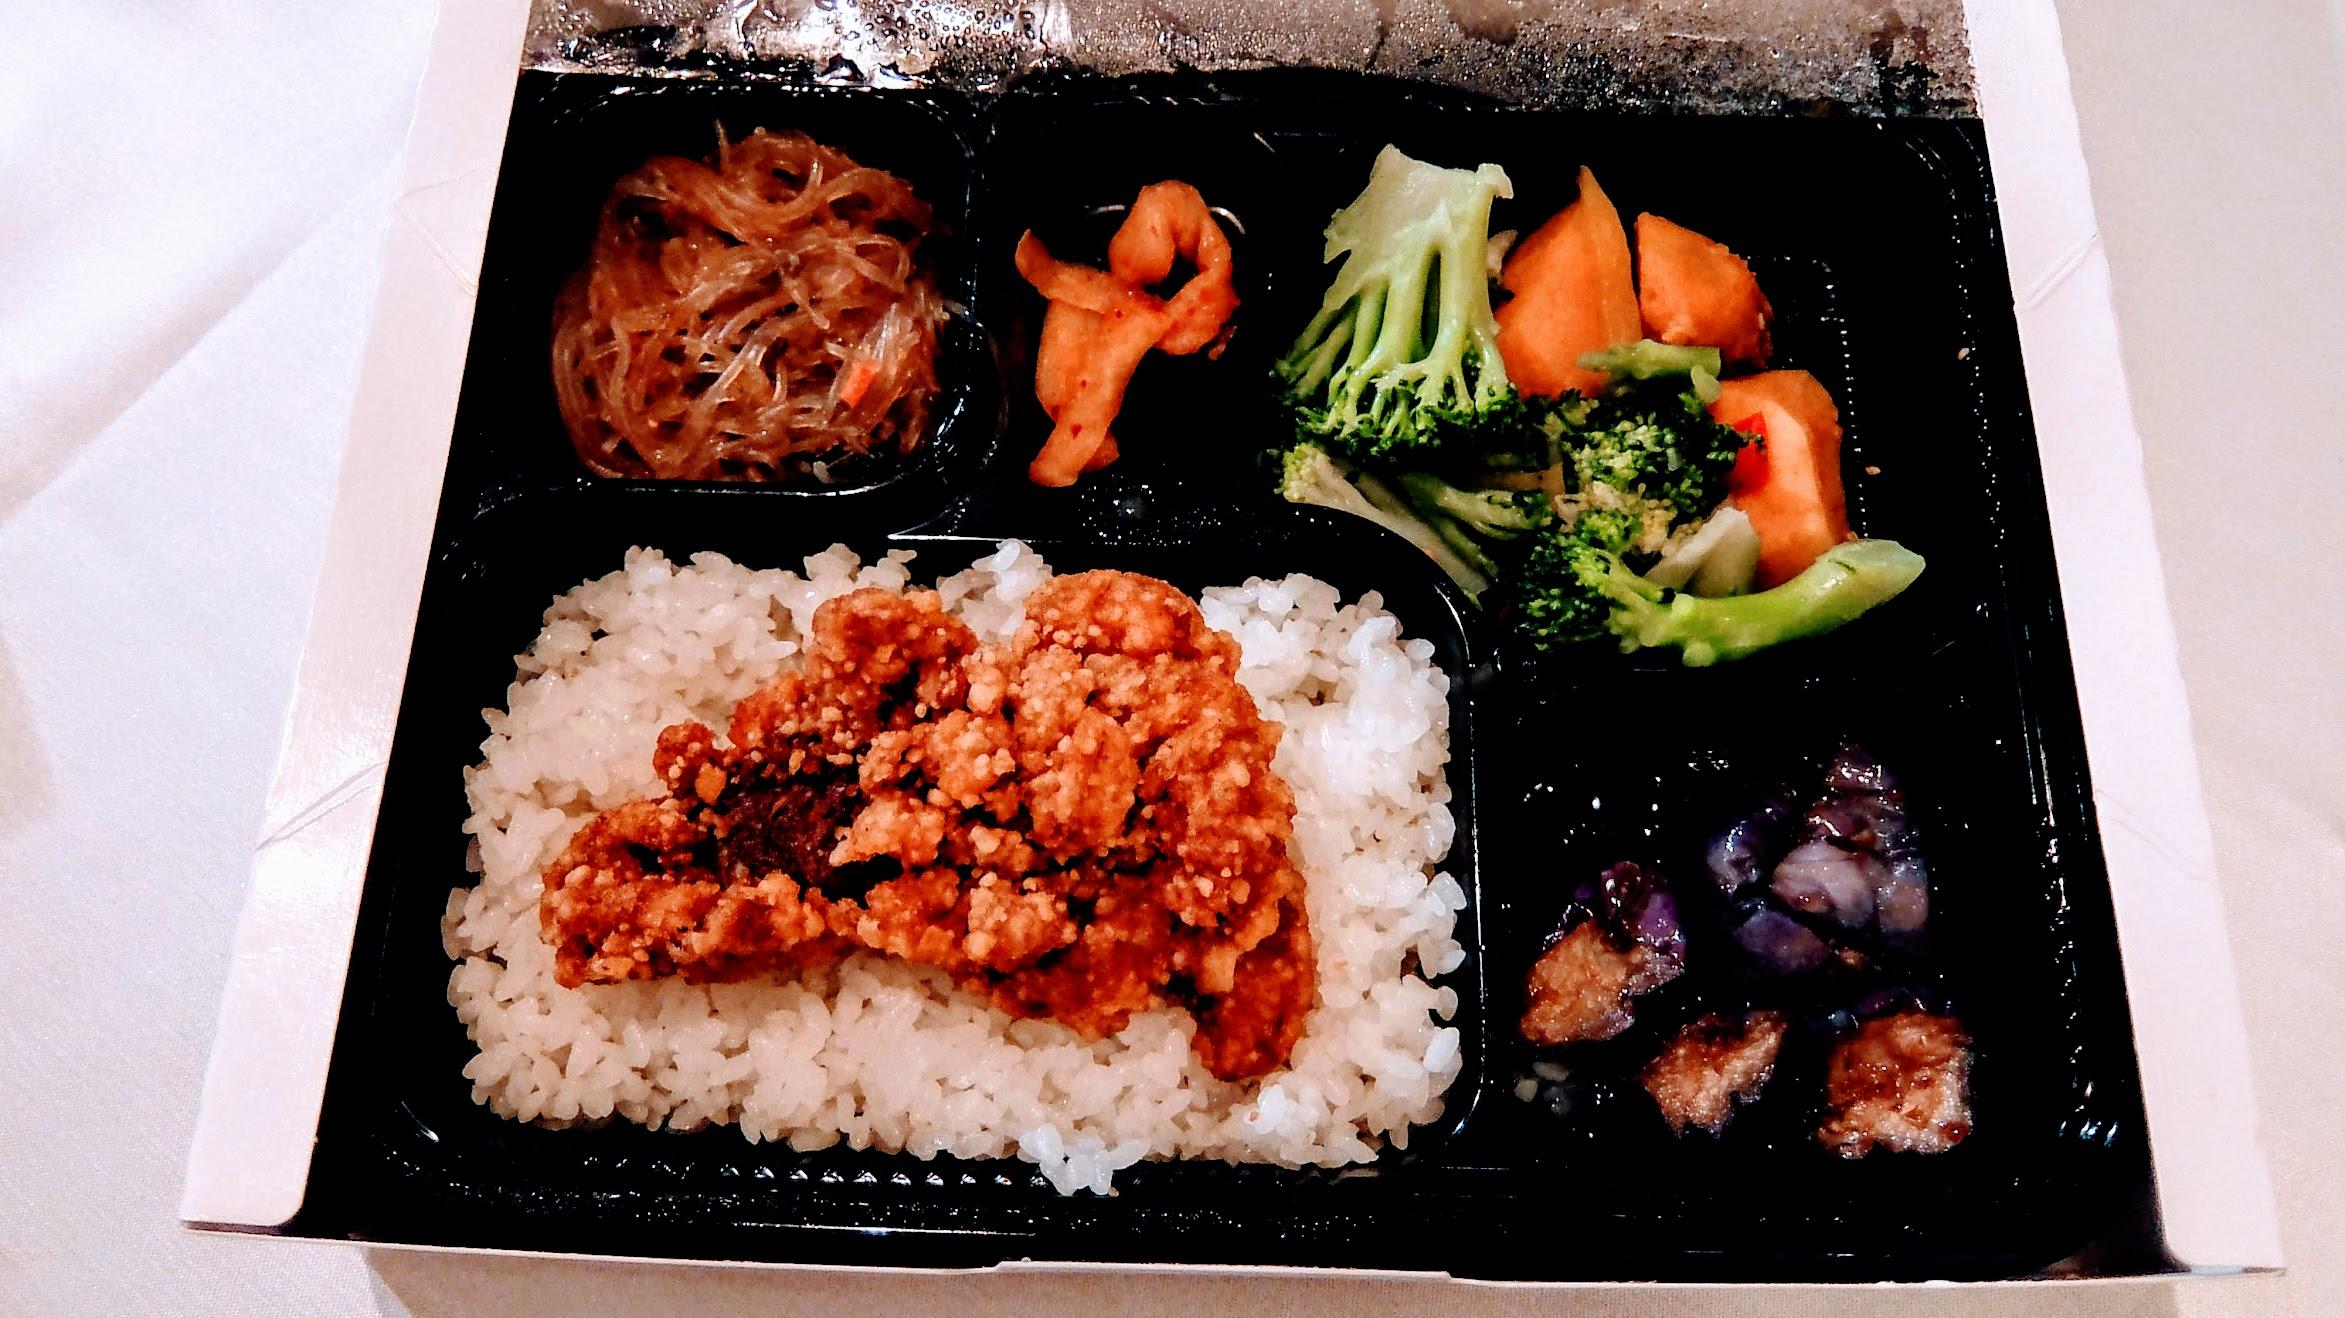 天成飯店給的午餐,有炸雞排/冬粉/花椰菜/地瓜/茄子/辣蘿蔔等,餐點...真的有待改善XD